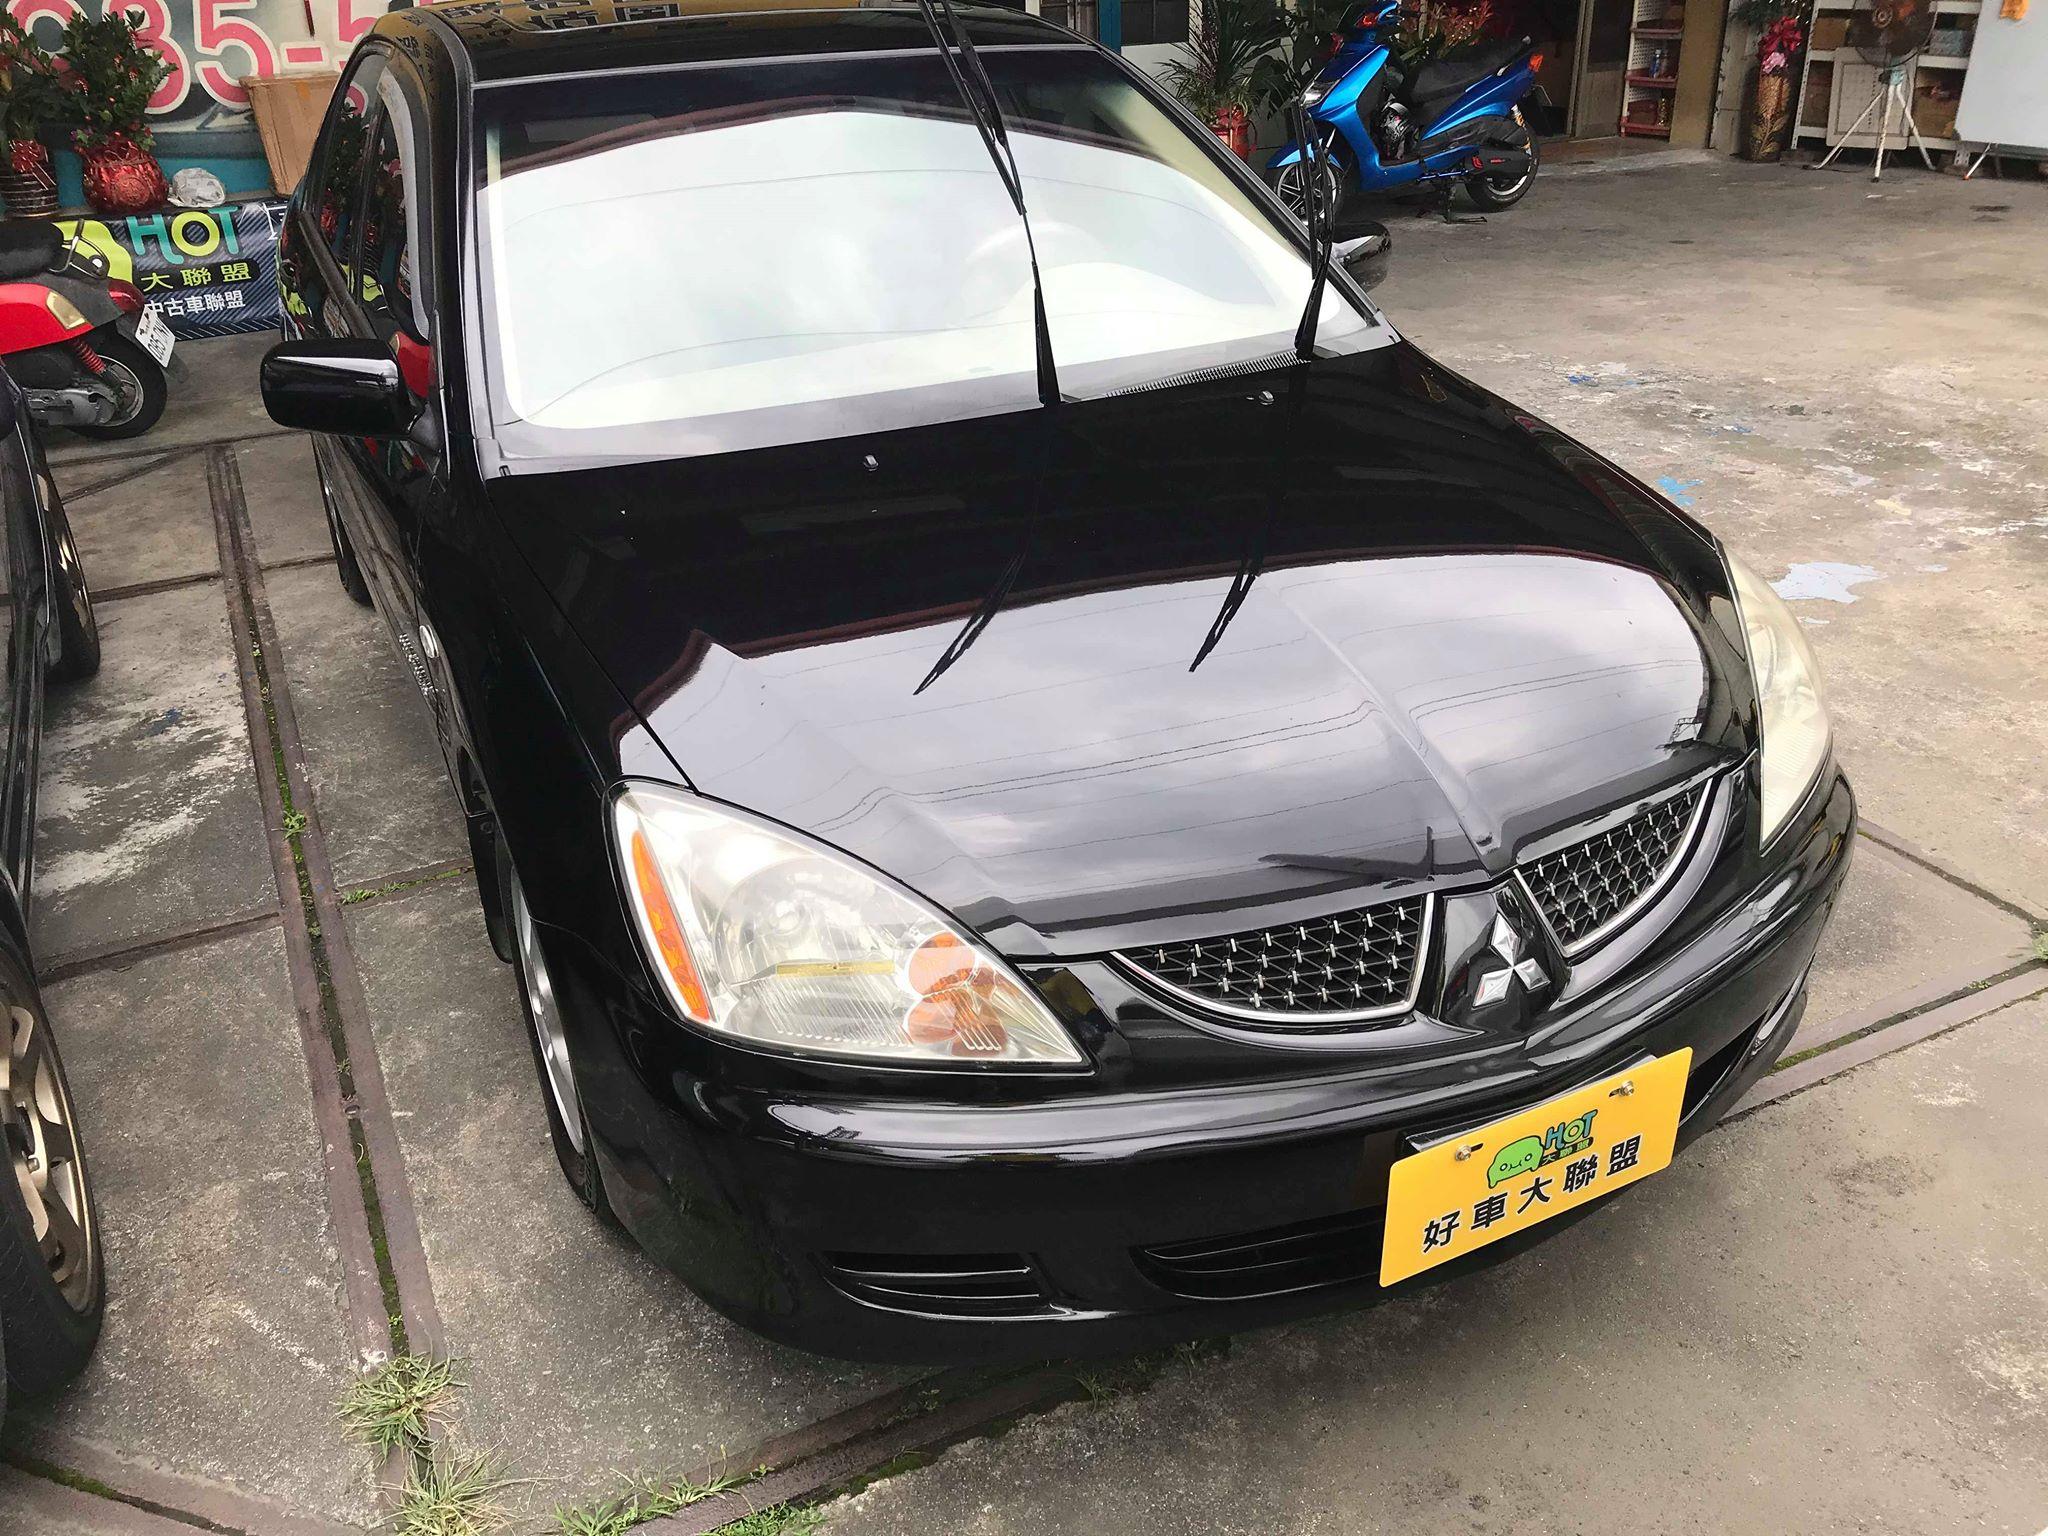 2003 Mitsubishi 三菱 Lancer